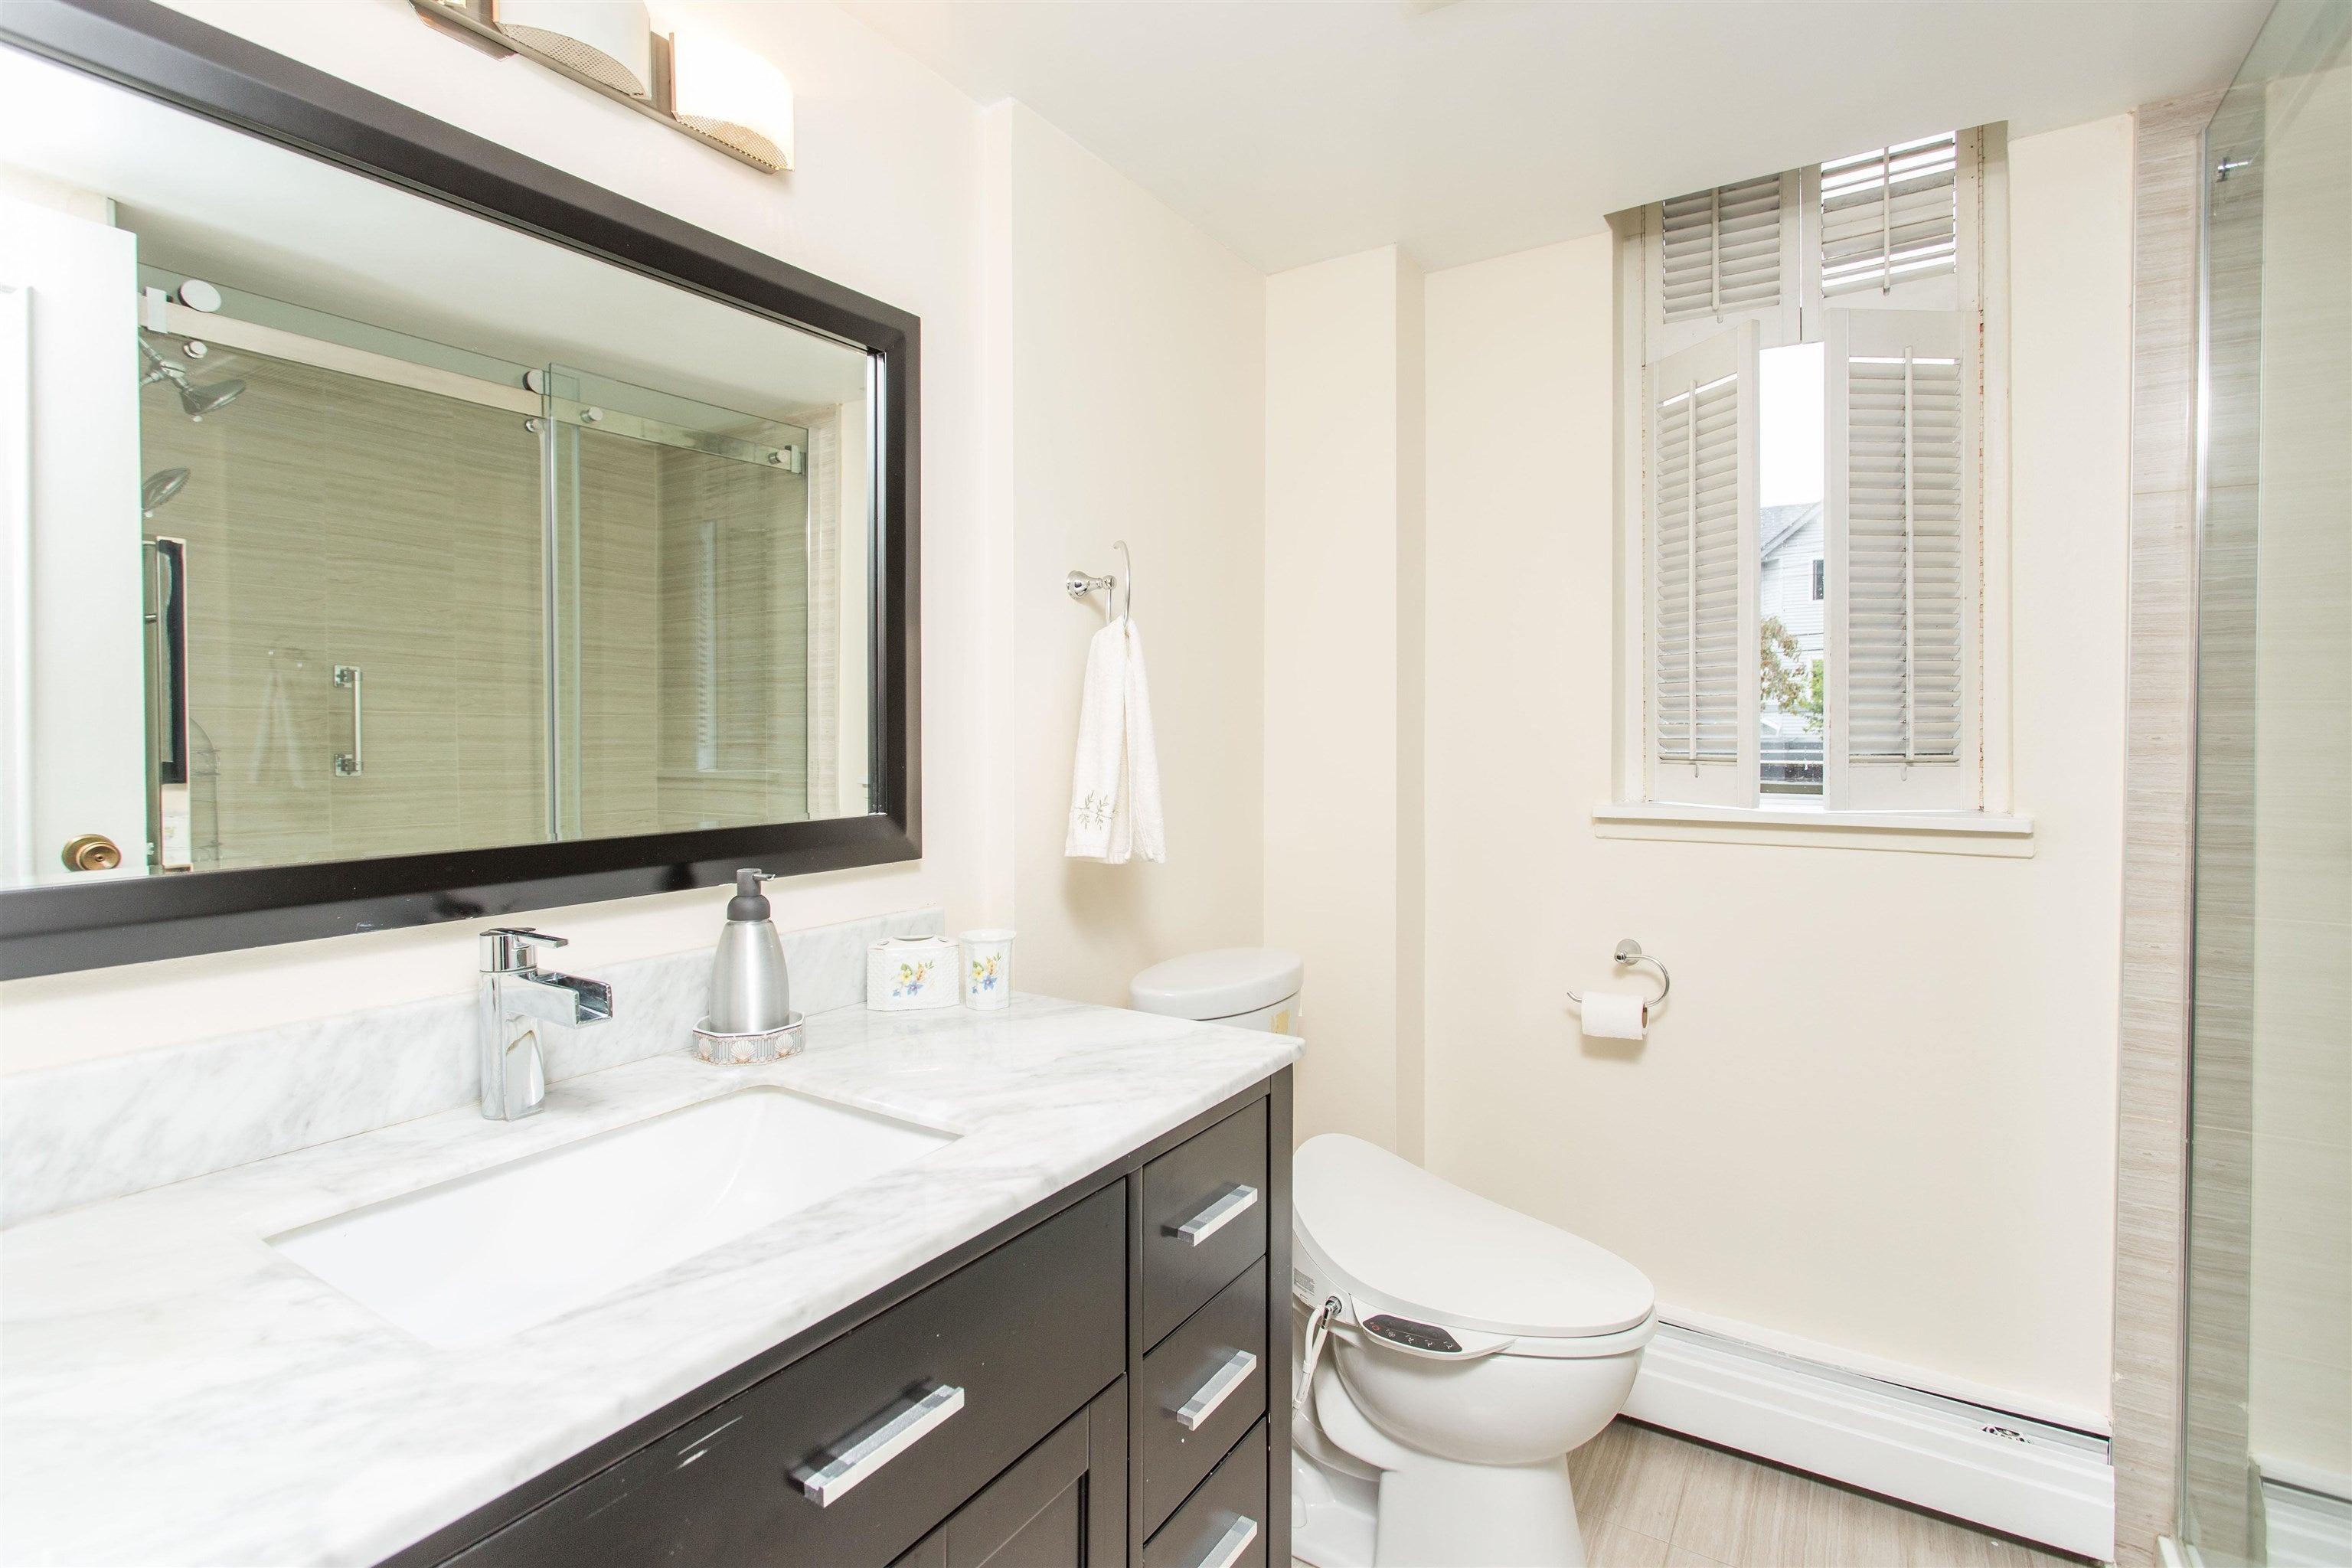 203 1390 DUCHESS AVENUE - Ambleside Apartment/Condo for sale, 1 Bedroom (R2611618) - #17